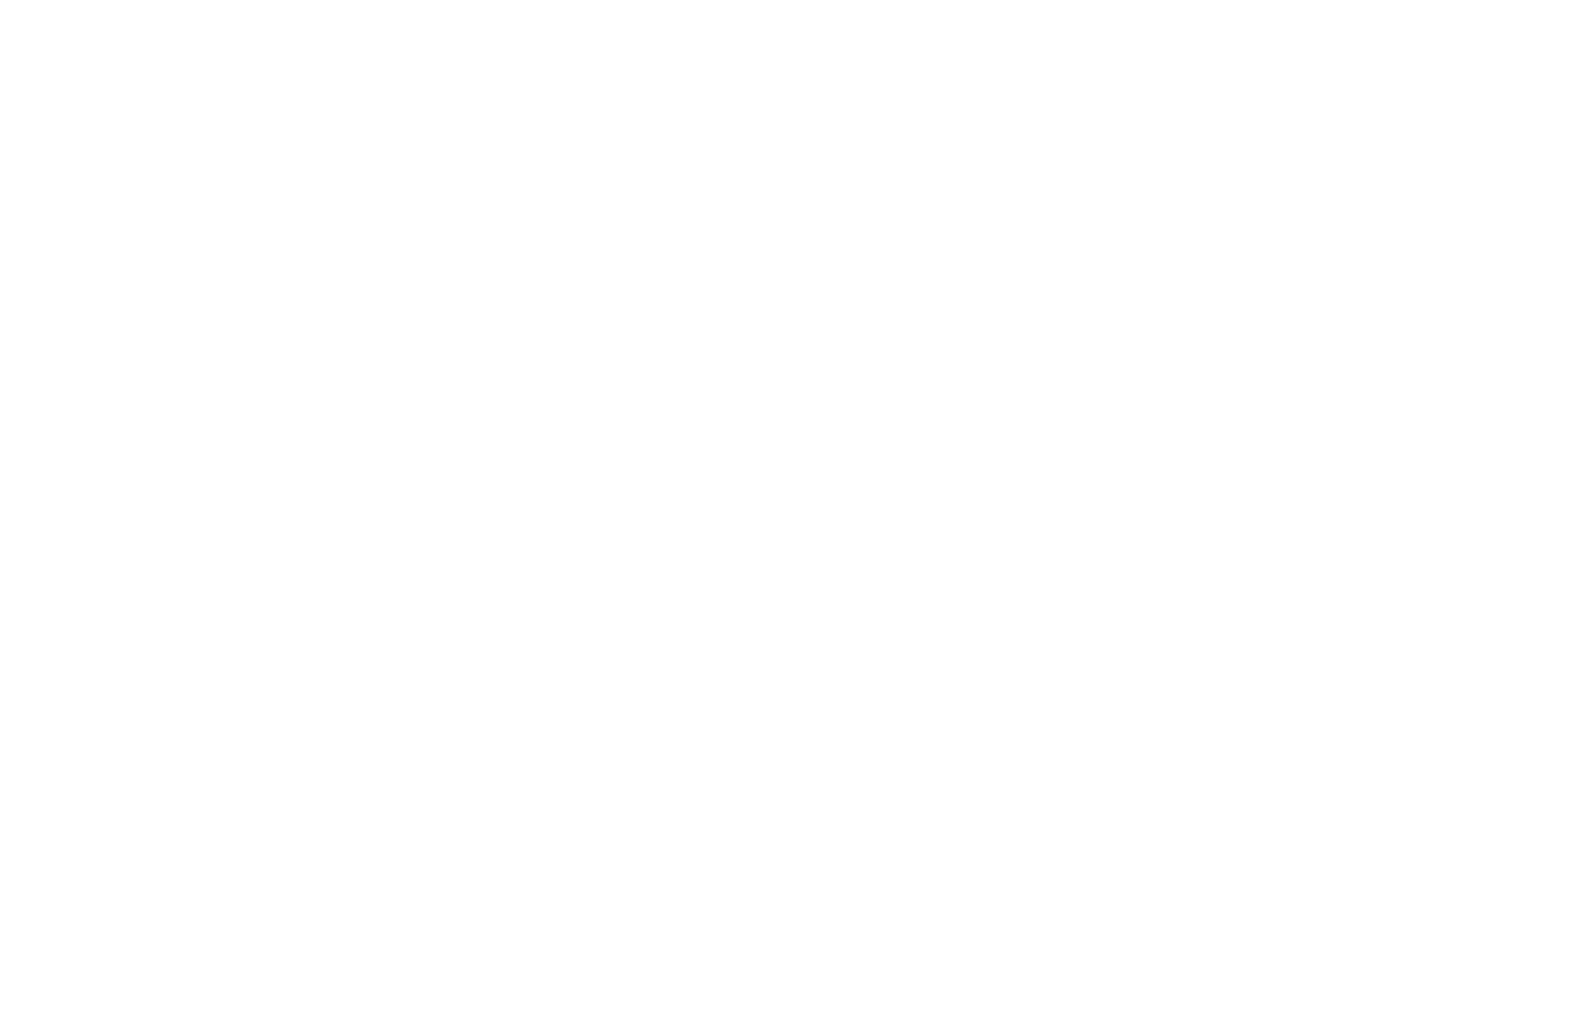 Premier Edge Services